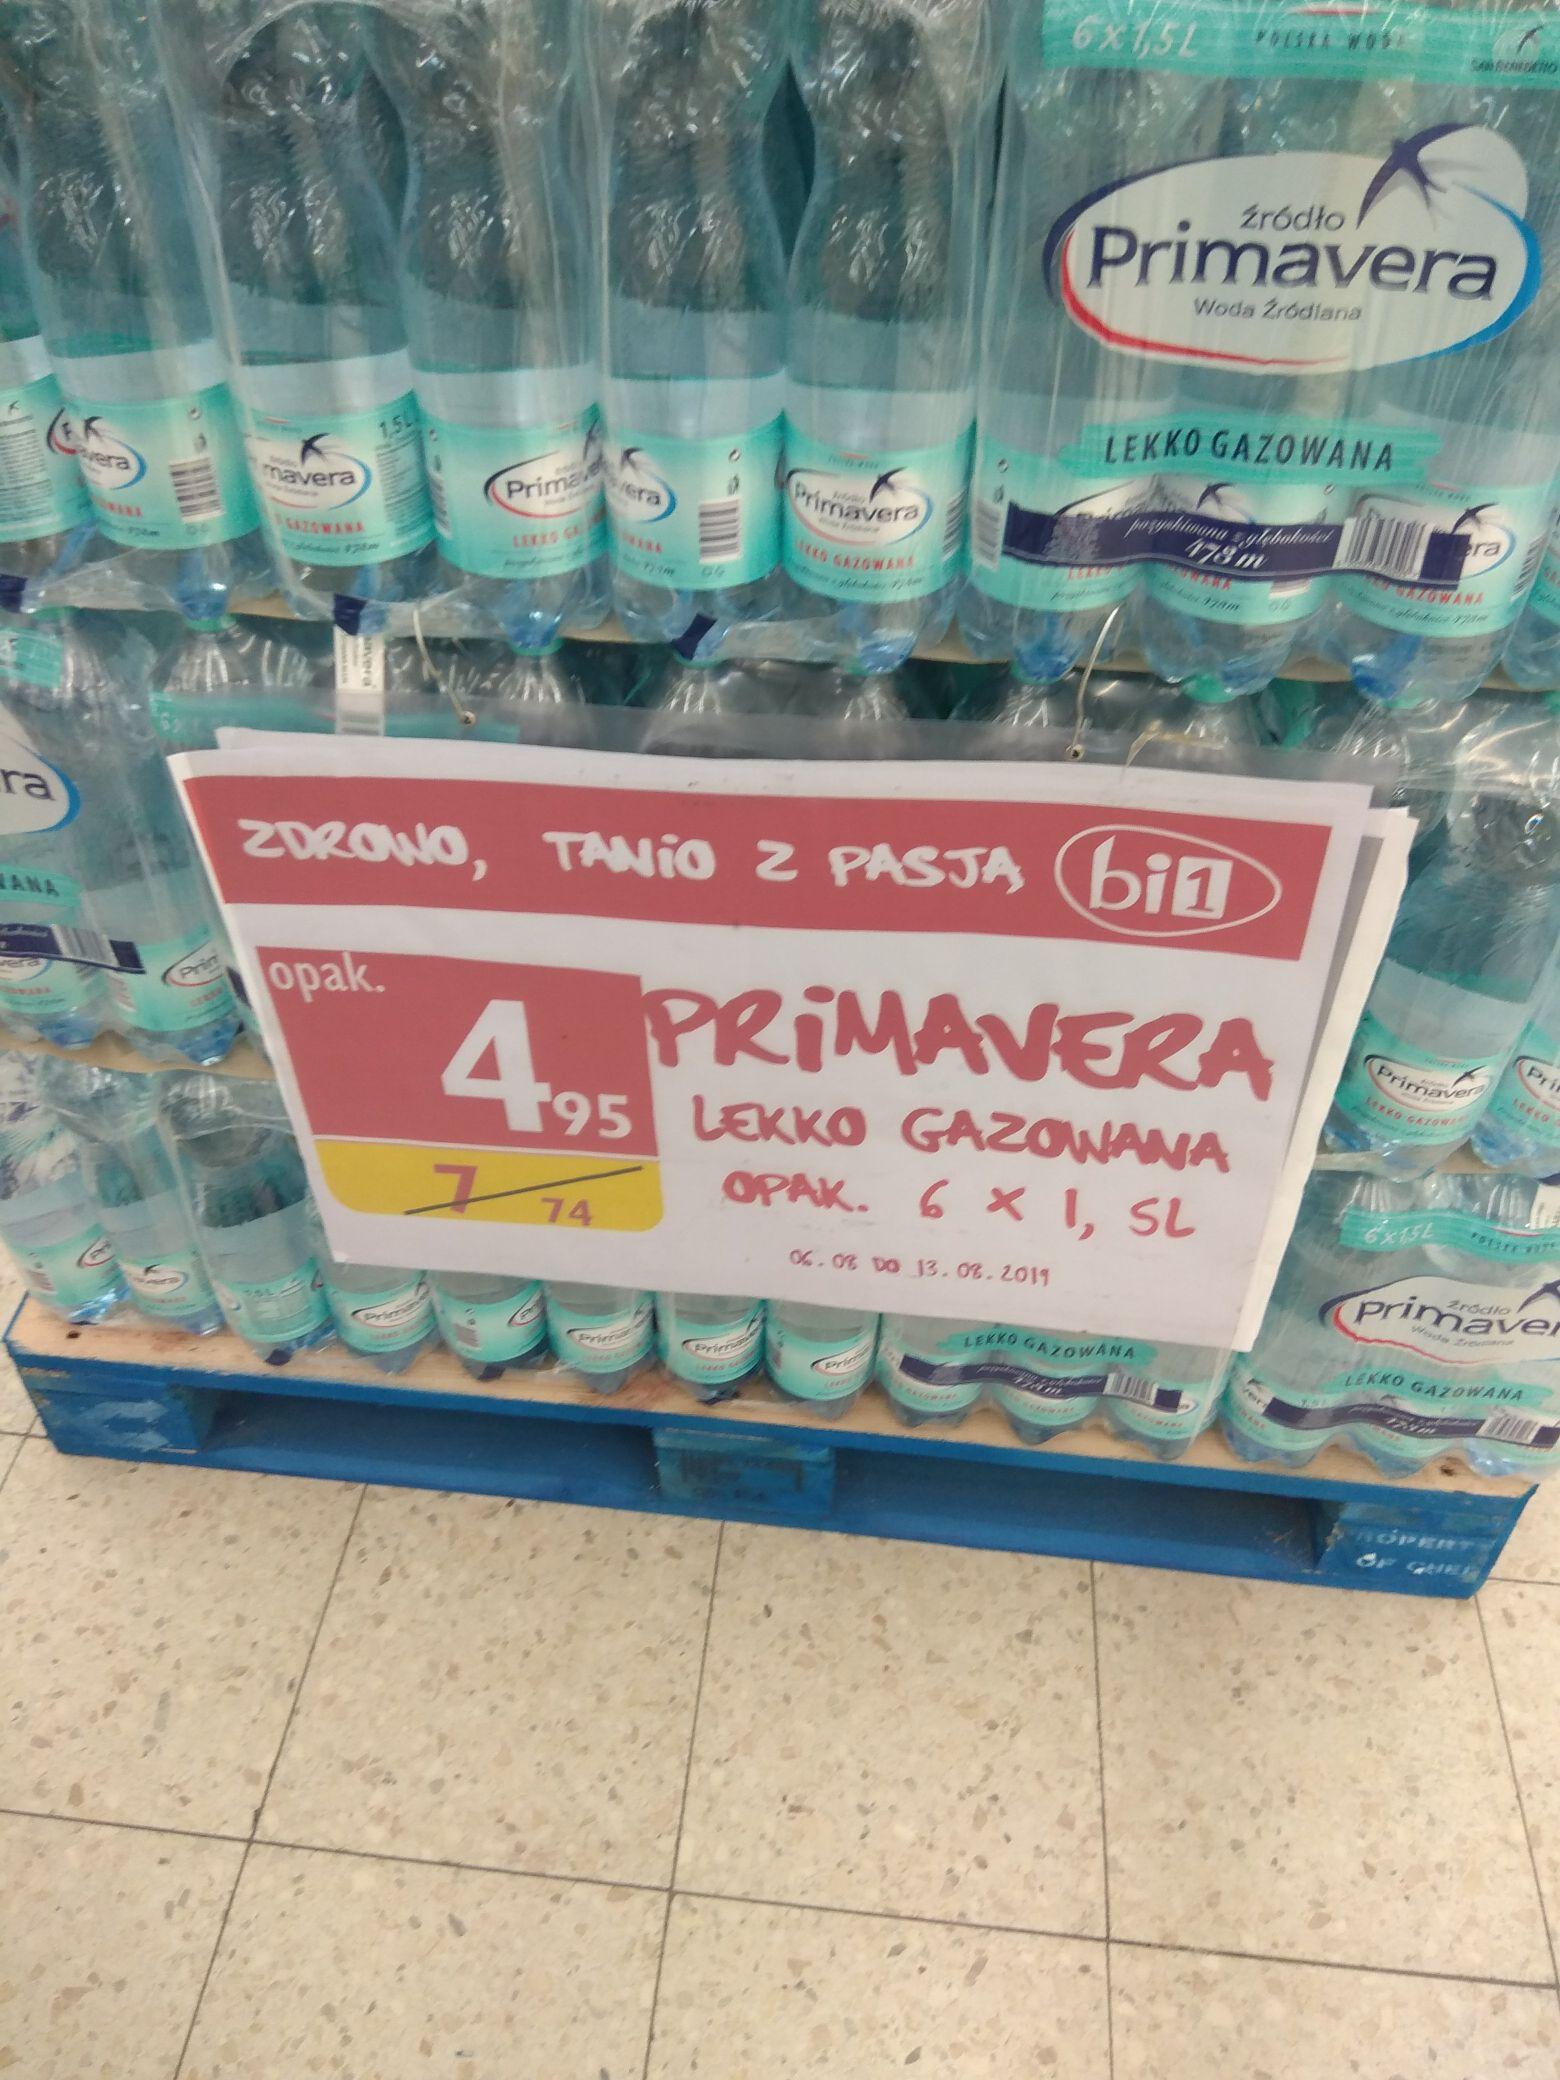 Woda Primavera, Bi1, różne rodzaje 6x1.5l